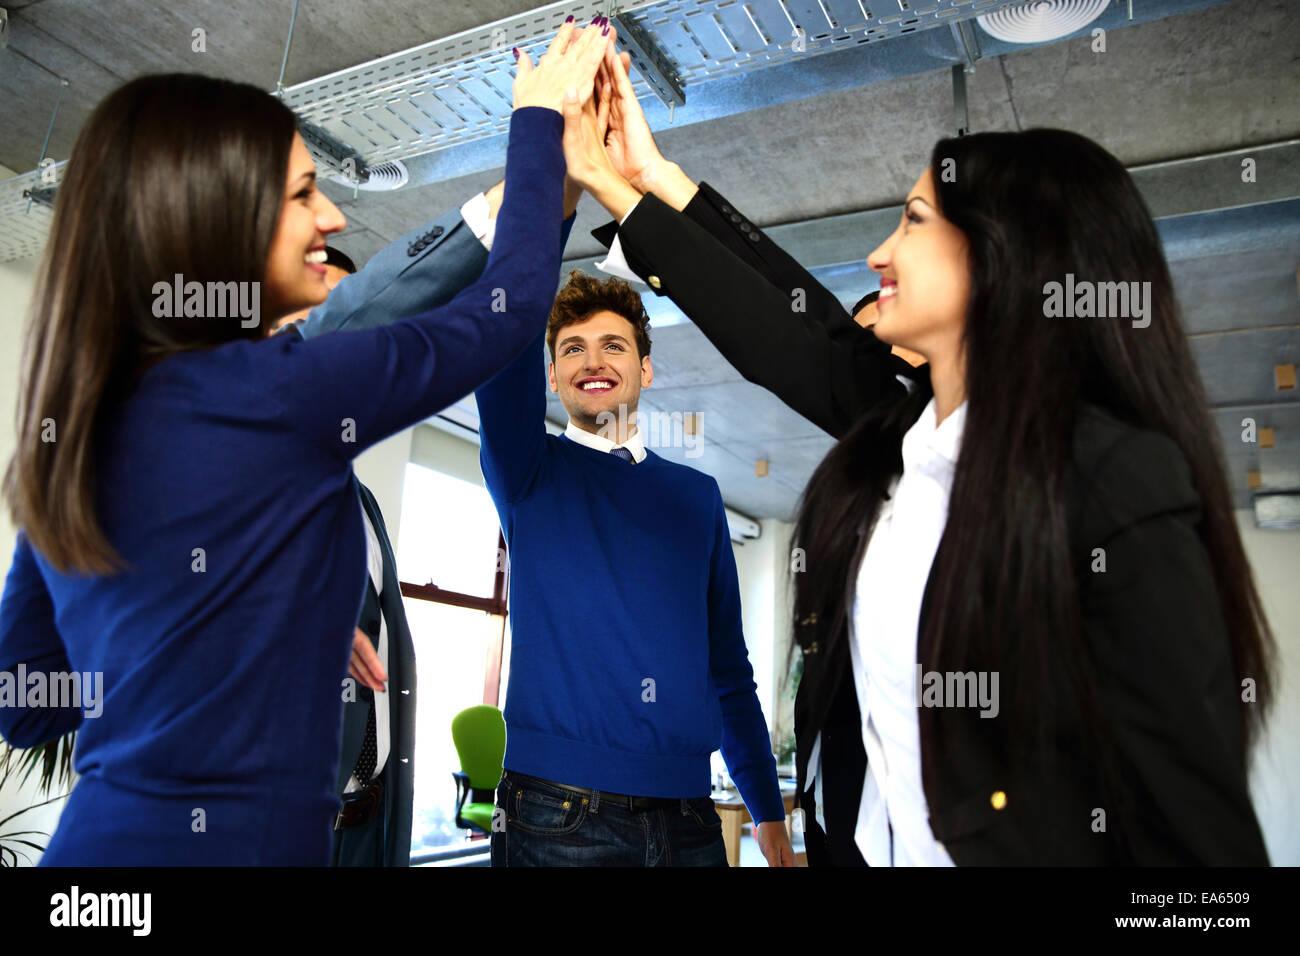 Equipo empresarial es la celebración de manos juntas. Elevando una mano hacia arriba Imagen De Stock